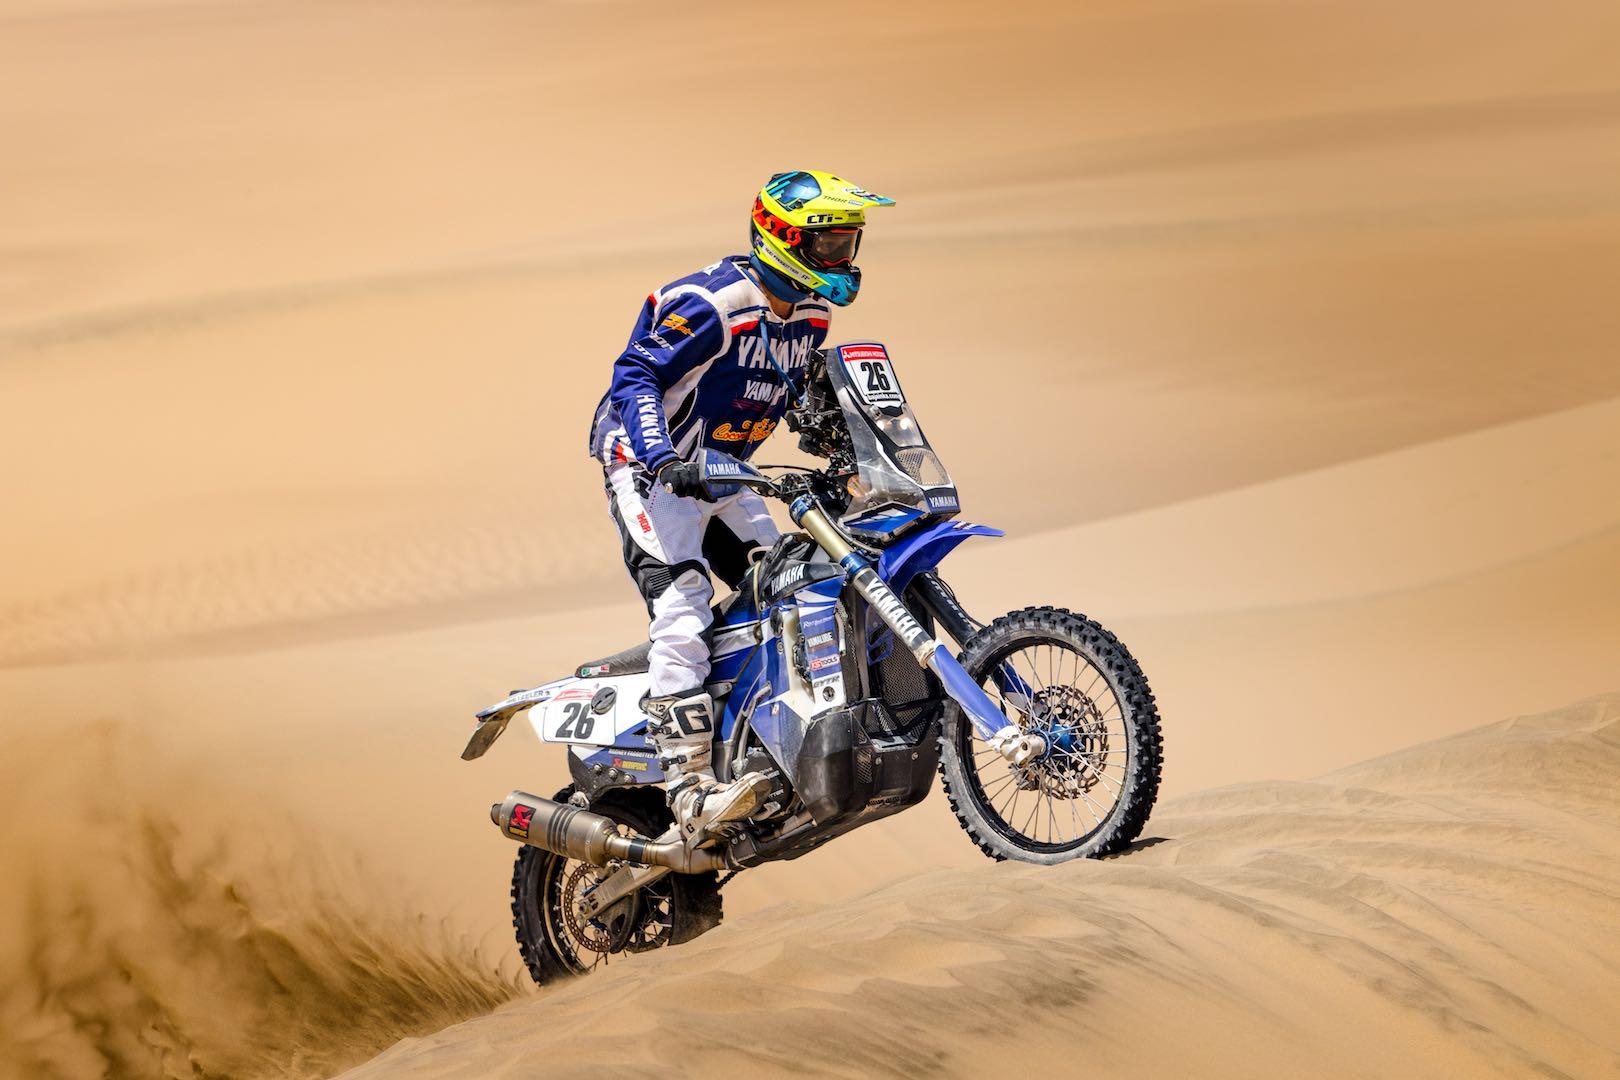 2019 Dakar Rally Preview Adrien Van Beveren